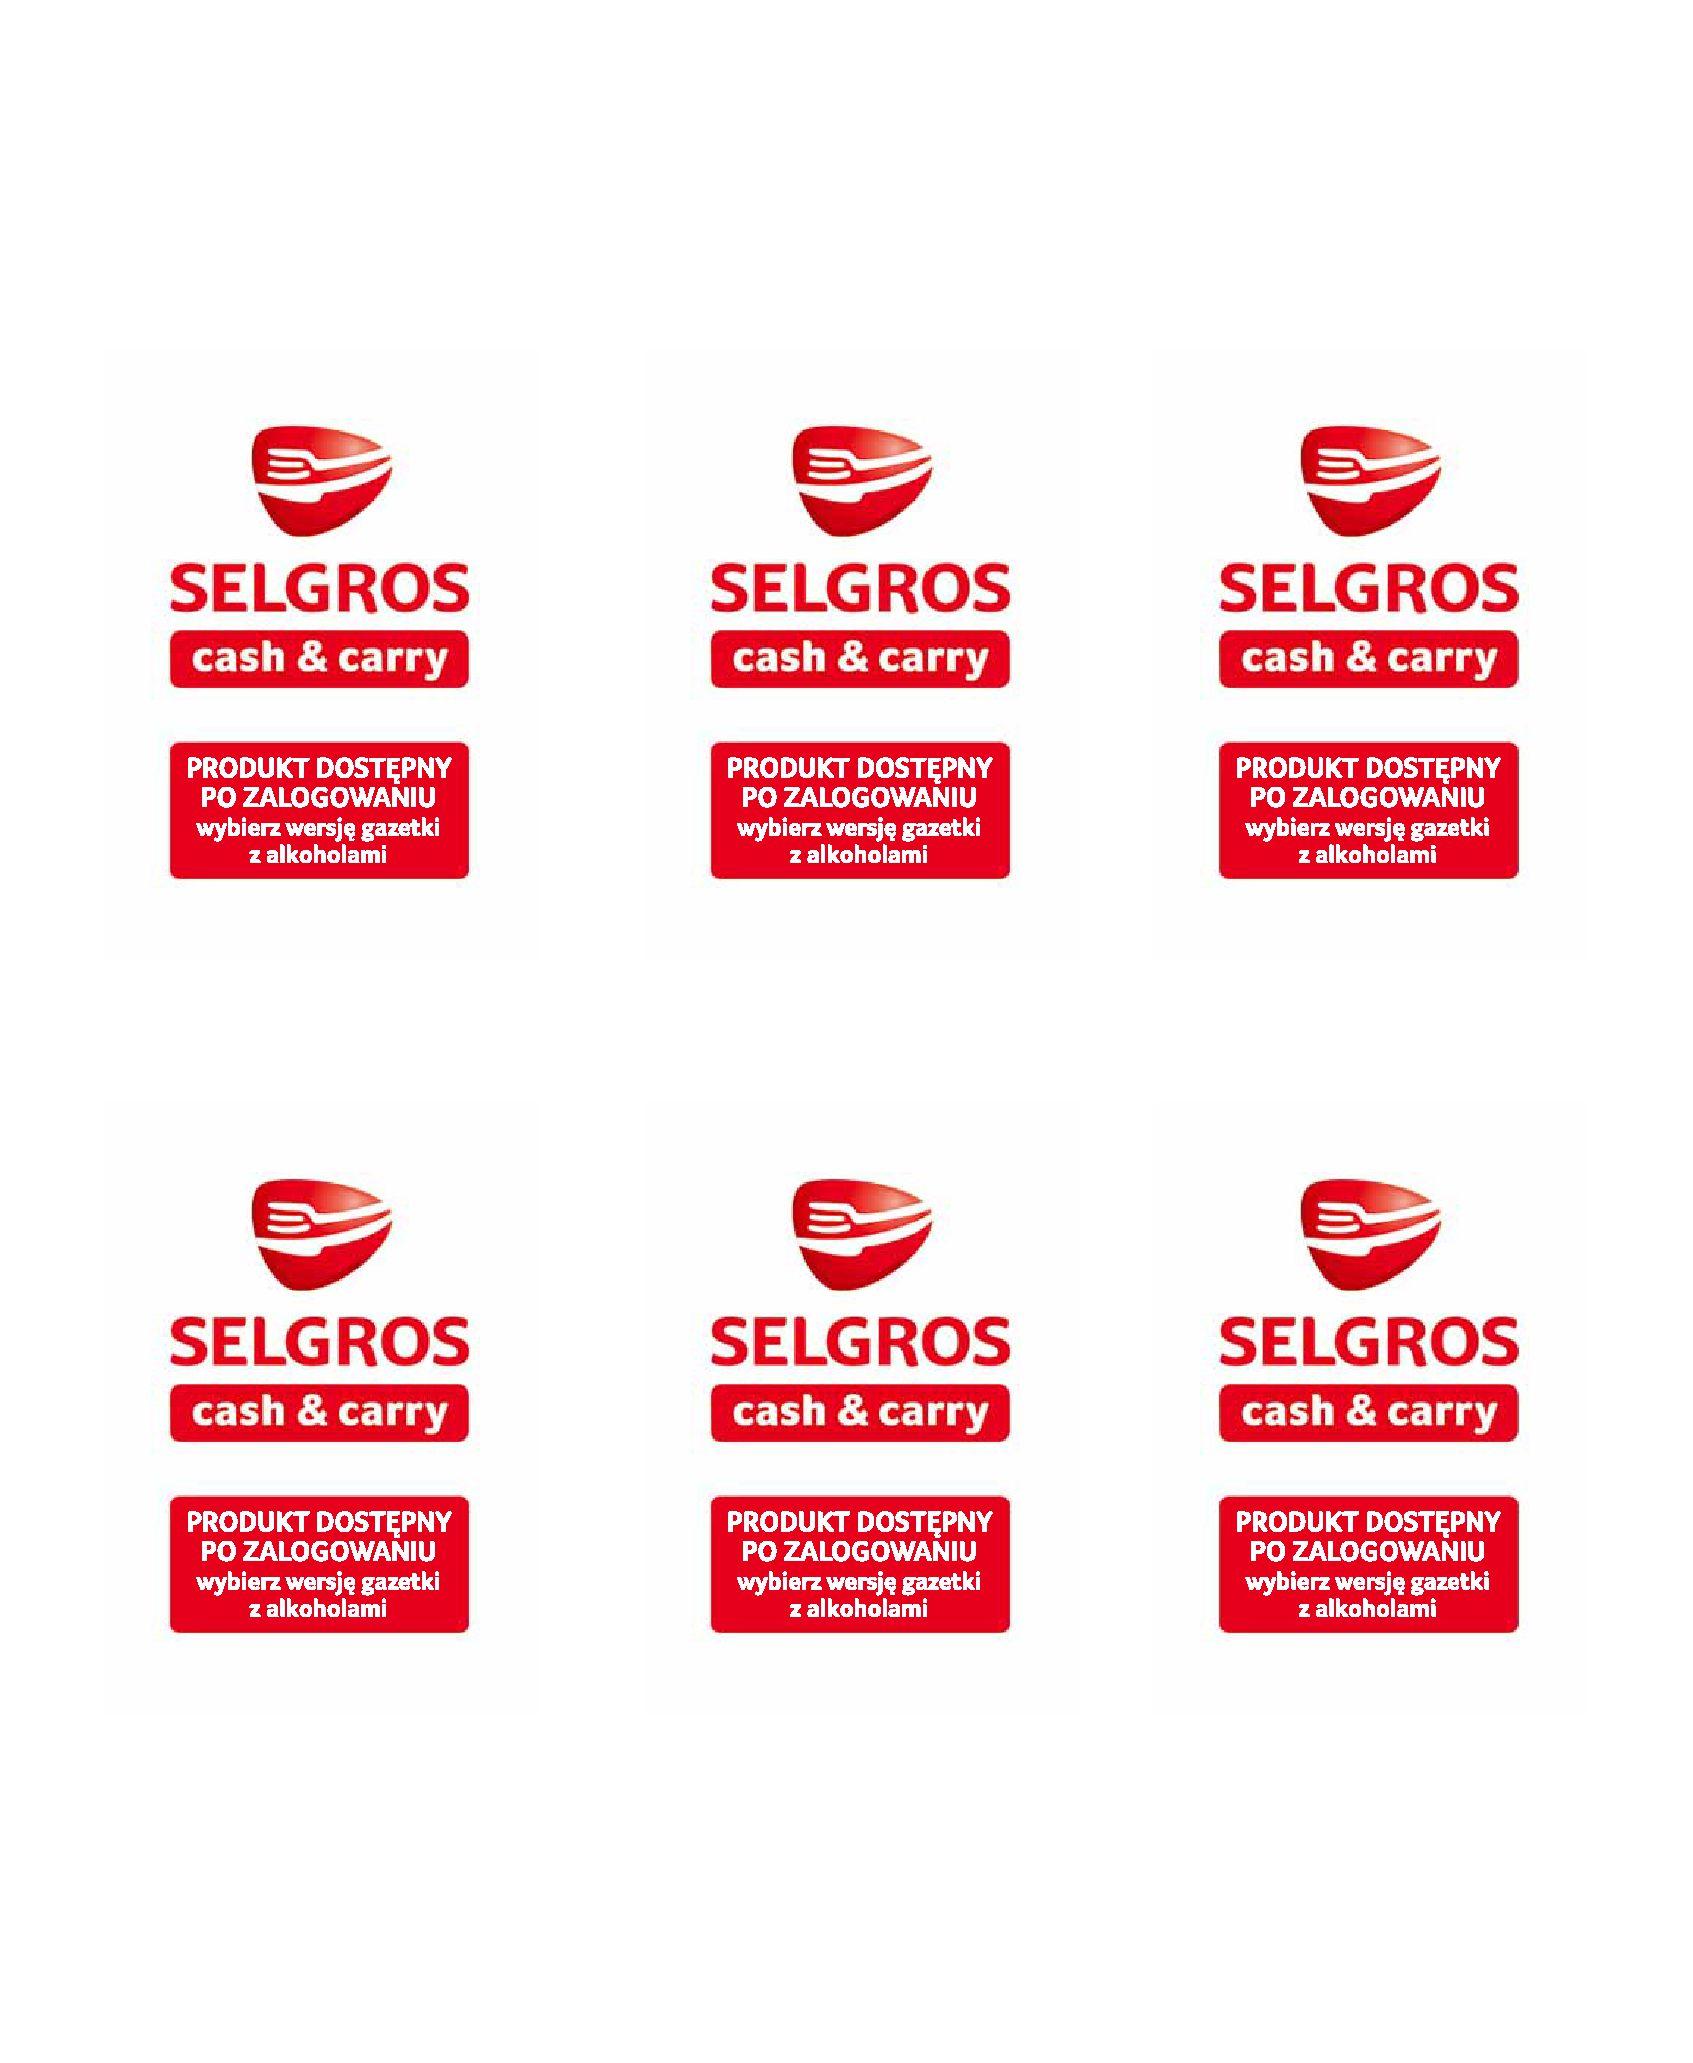 Gazetka Selgros - Oferta spożywcza-13.08.2019-28.08.2019-page-26